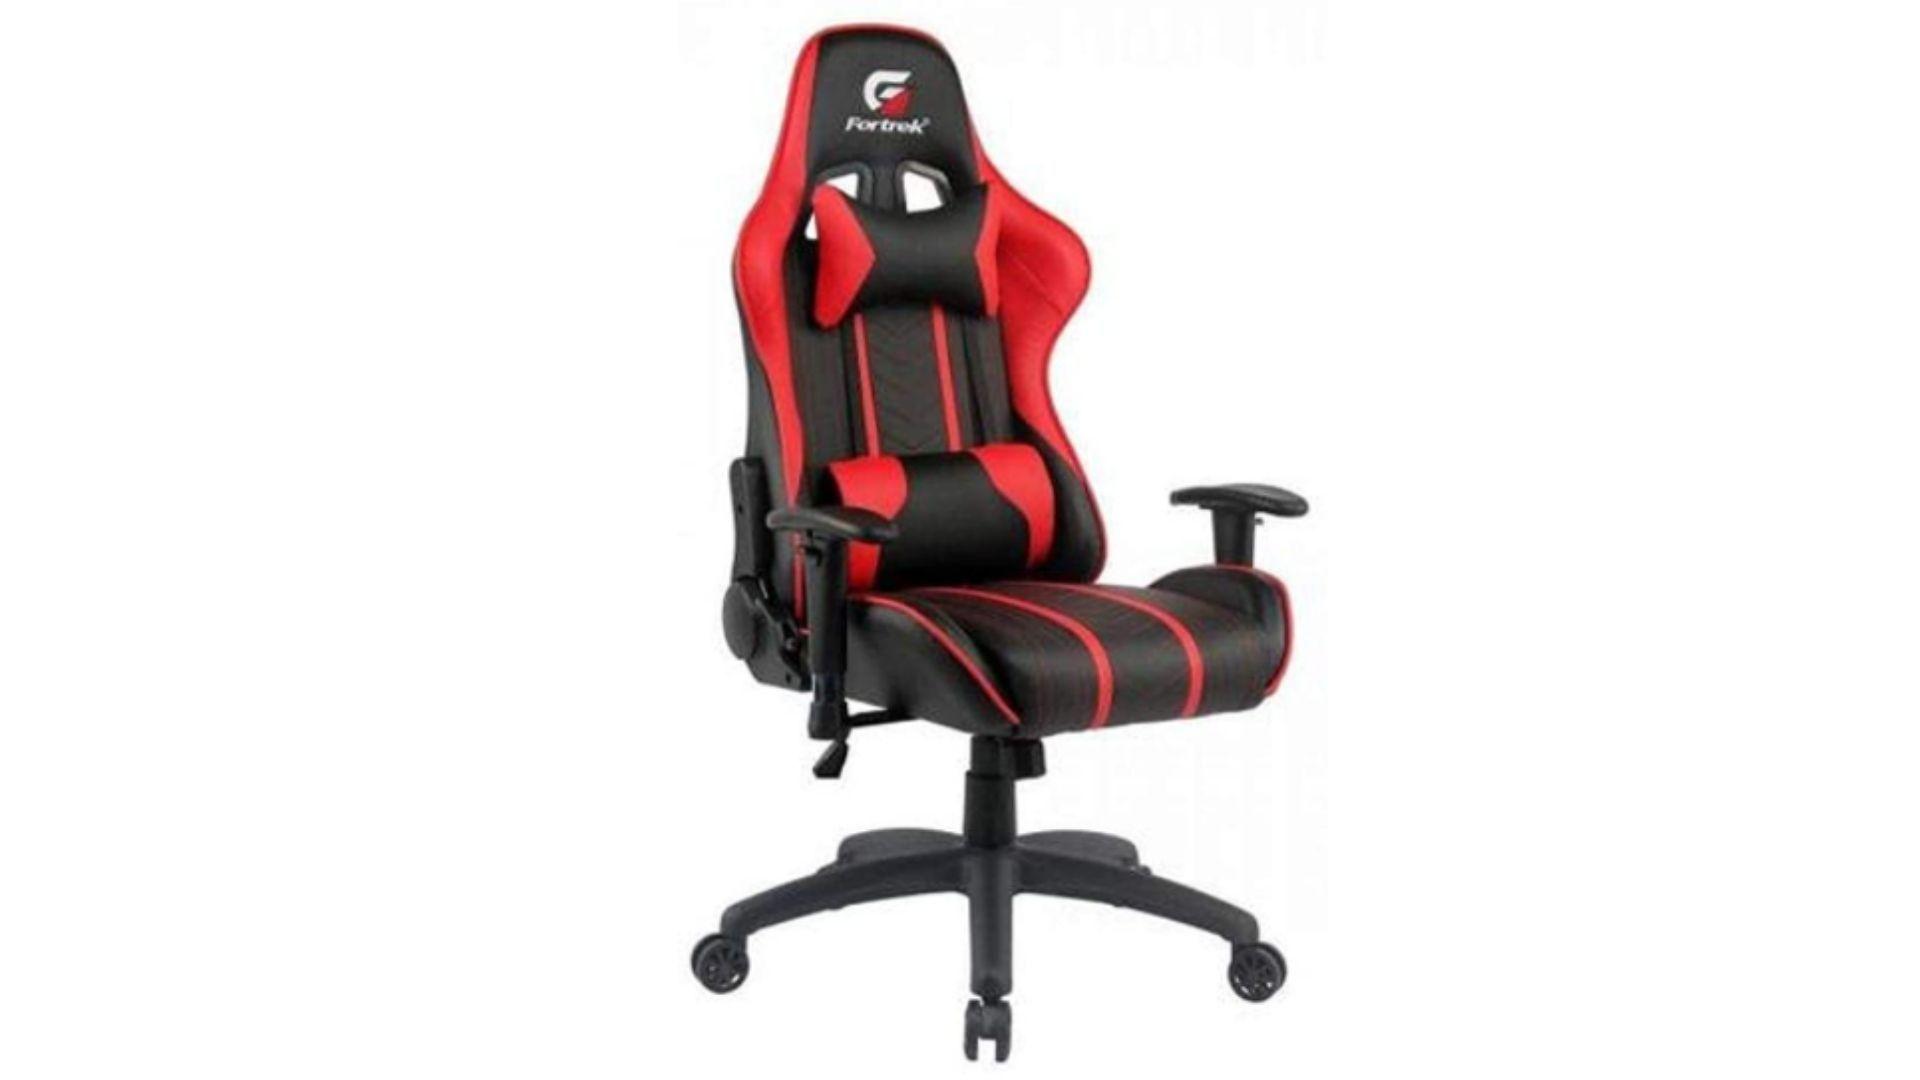 Fortrek Black Hawk é o modelo de cadeira gamer vermelha mais recomendado para os usuários (Foto: Divulgação/Fortrek)